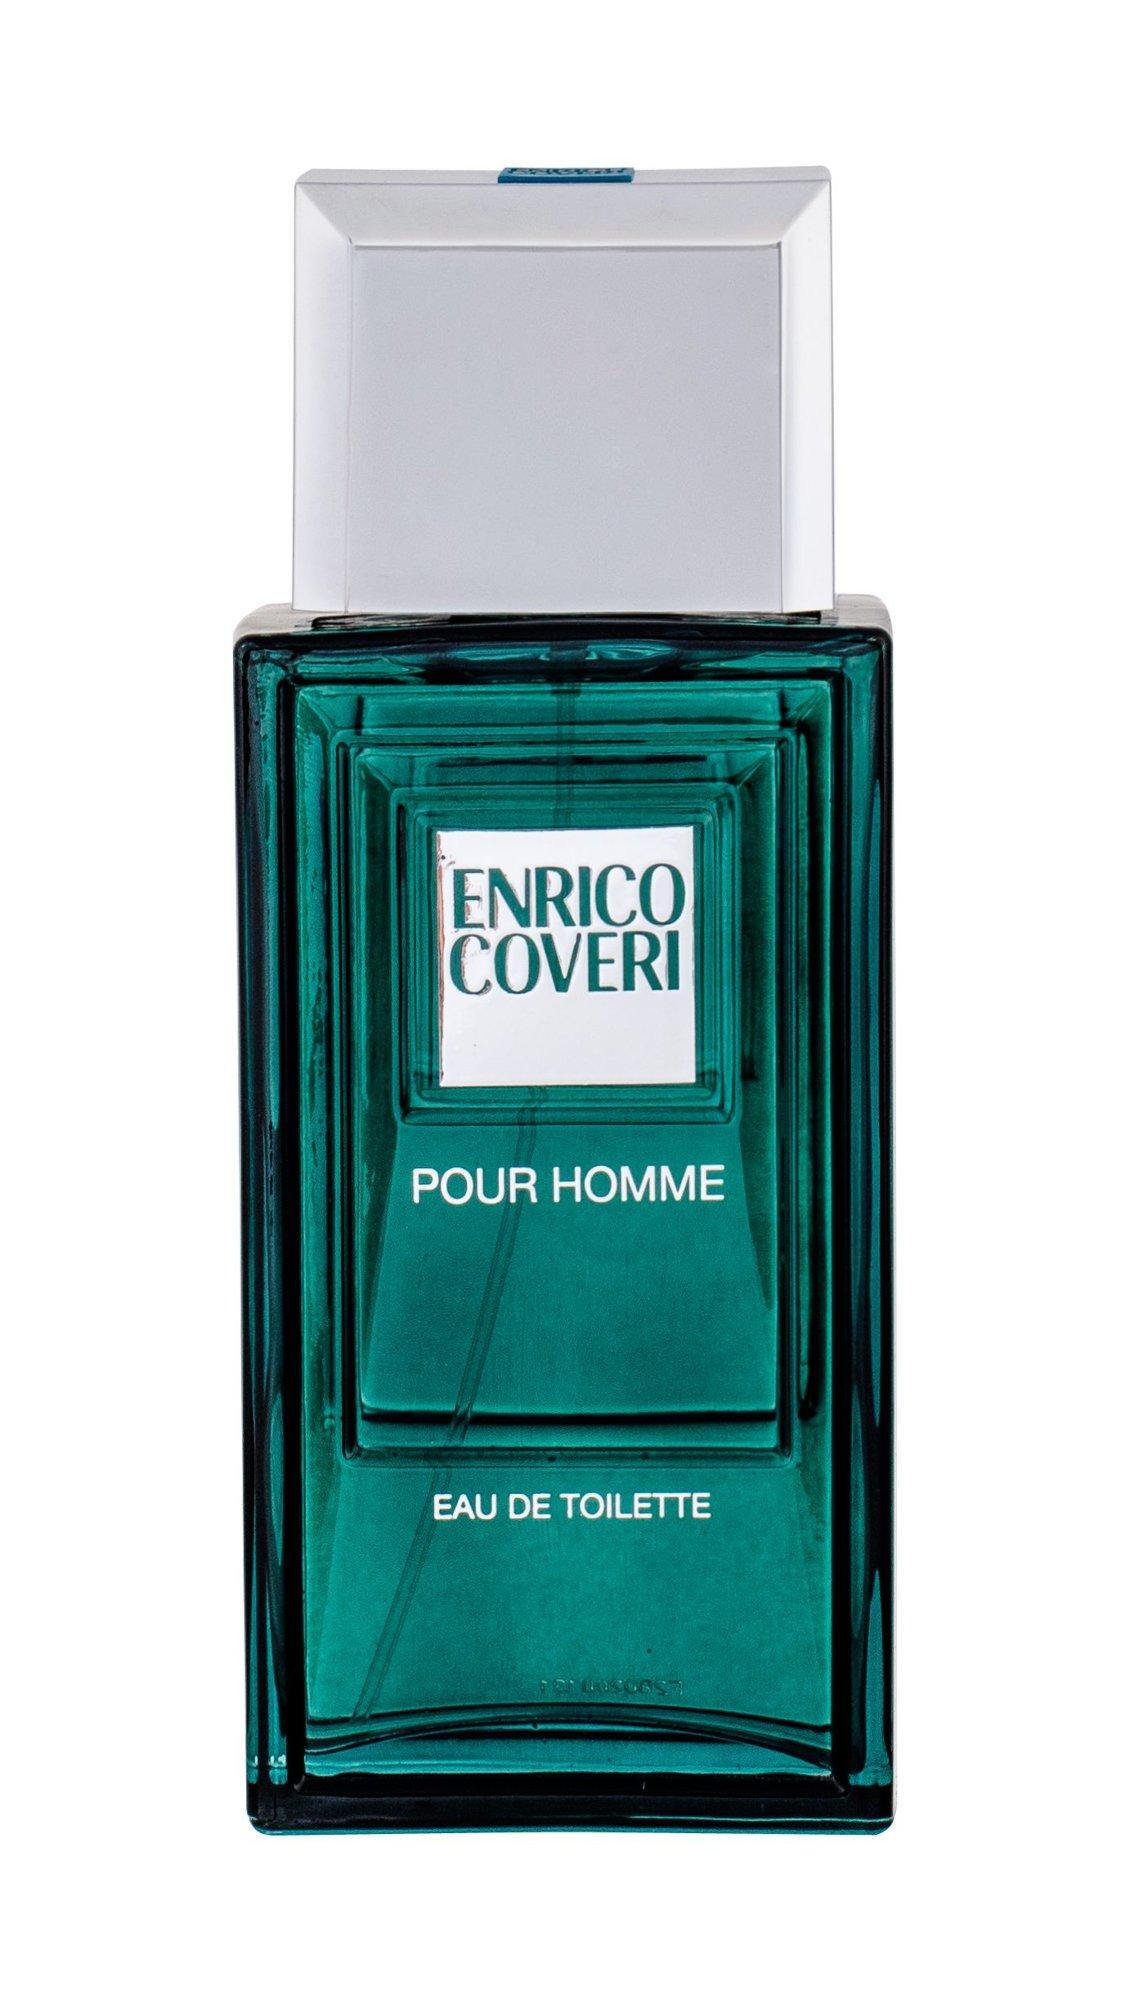 Enrico Coveri Pour Homme Eau de Toilette 100ml